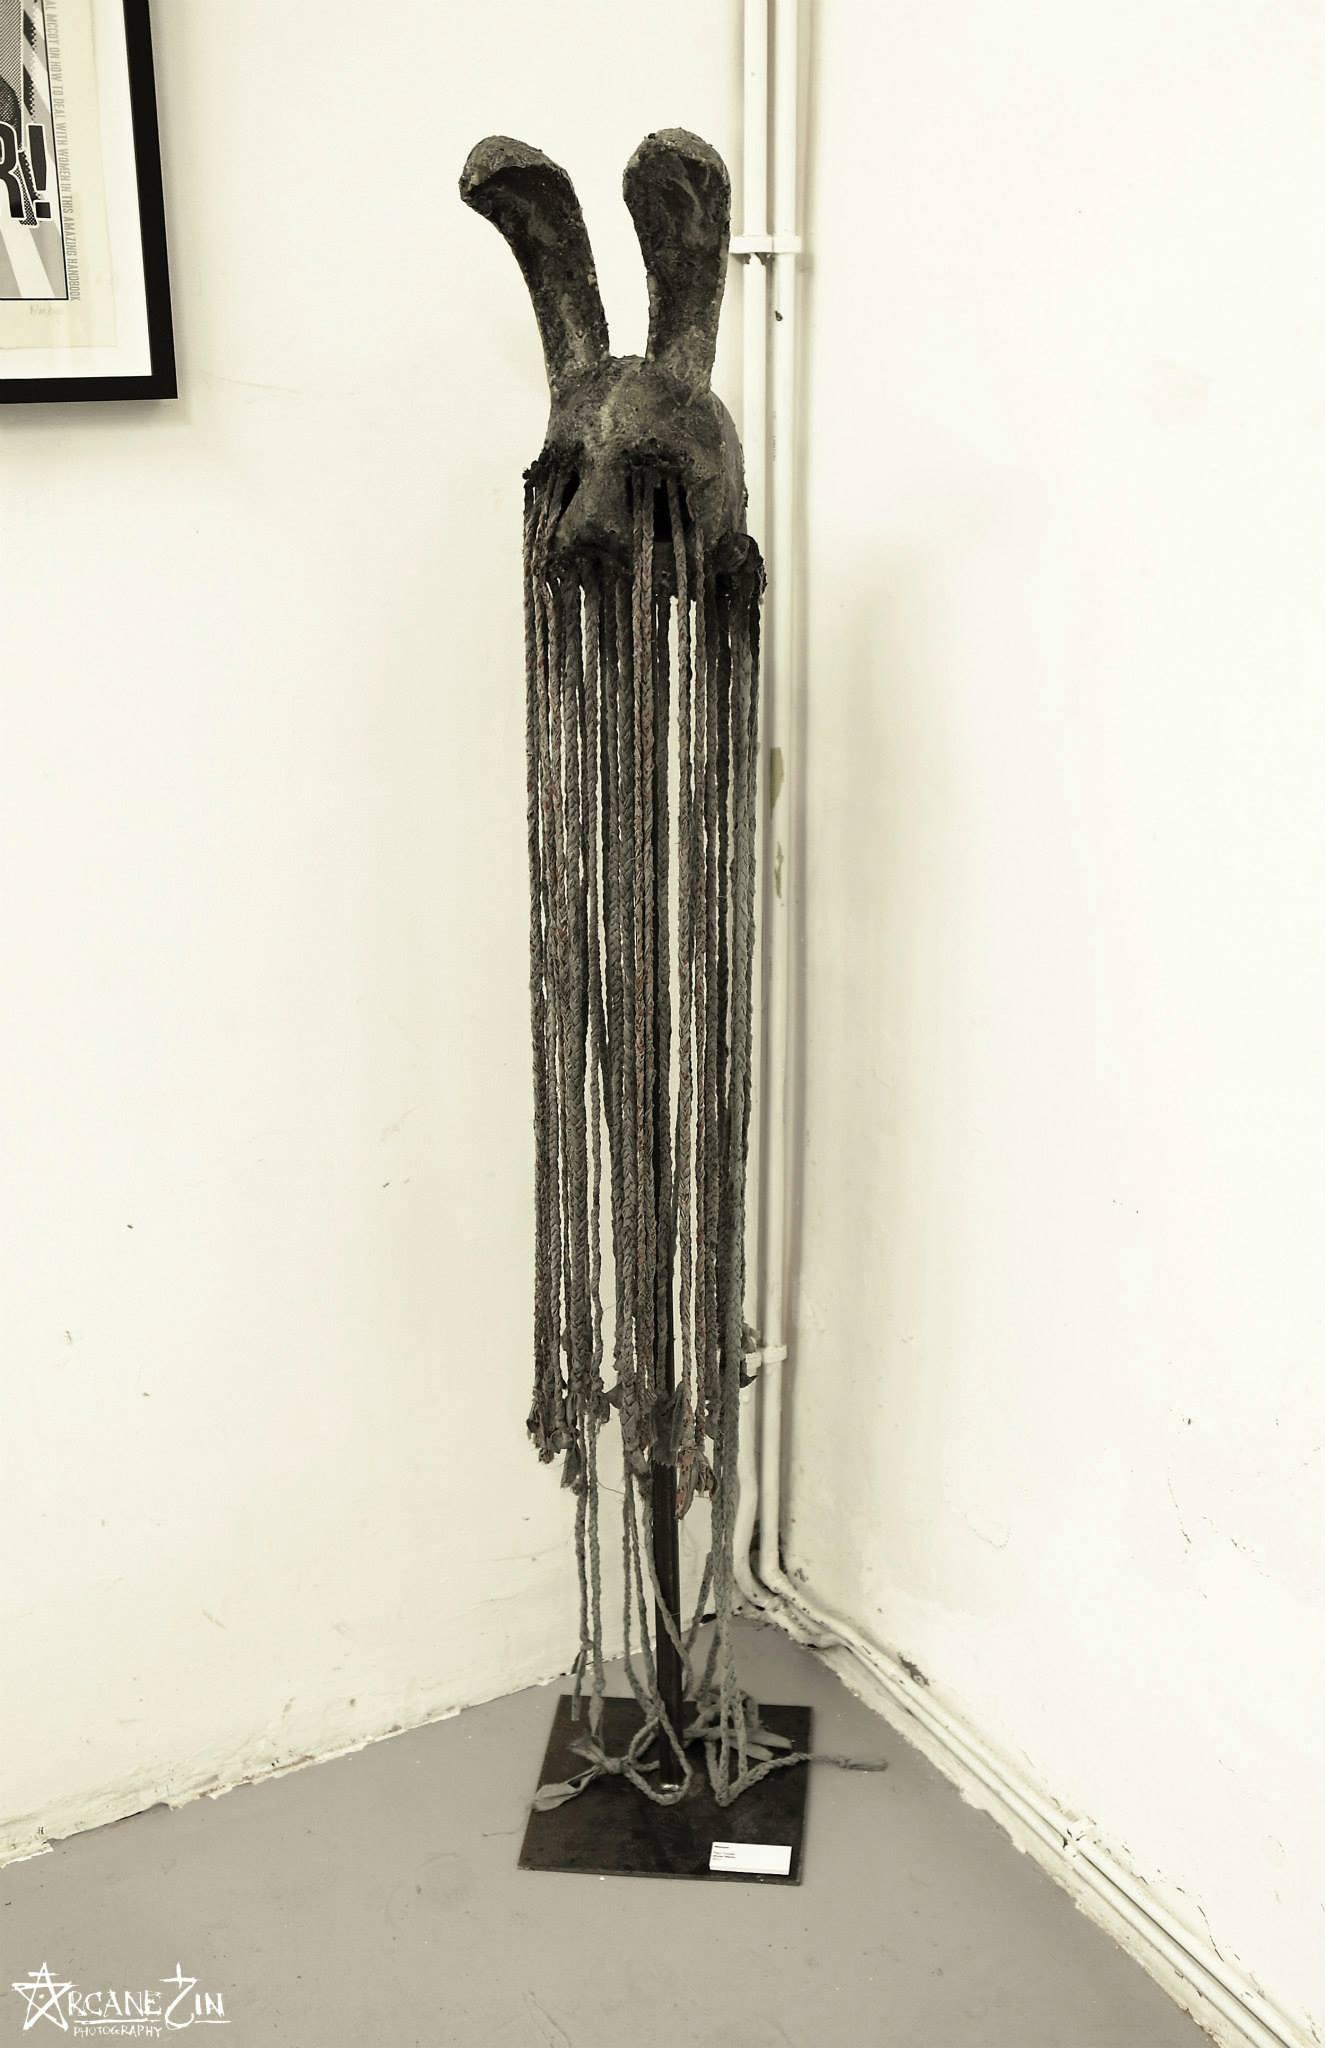 Paul Toupet – Sculpture – Copyright © Arcane Sin 2013